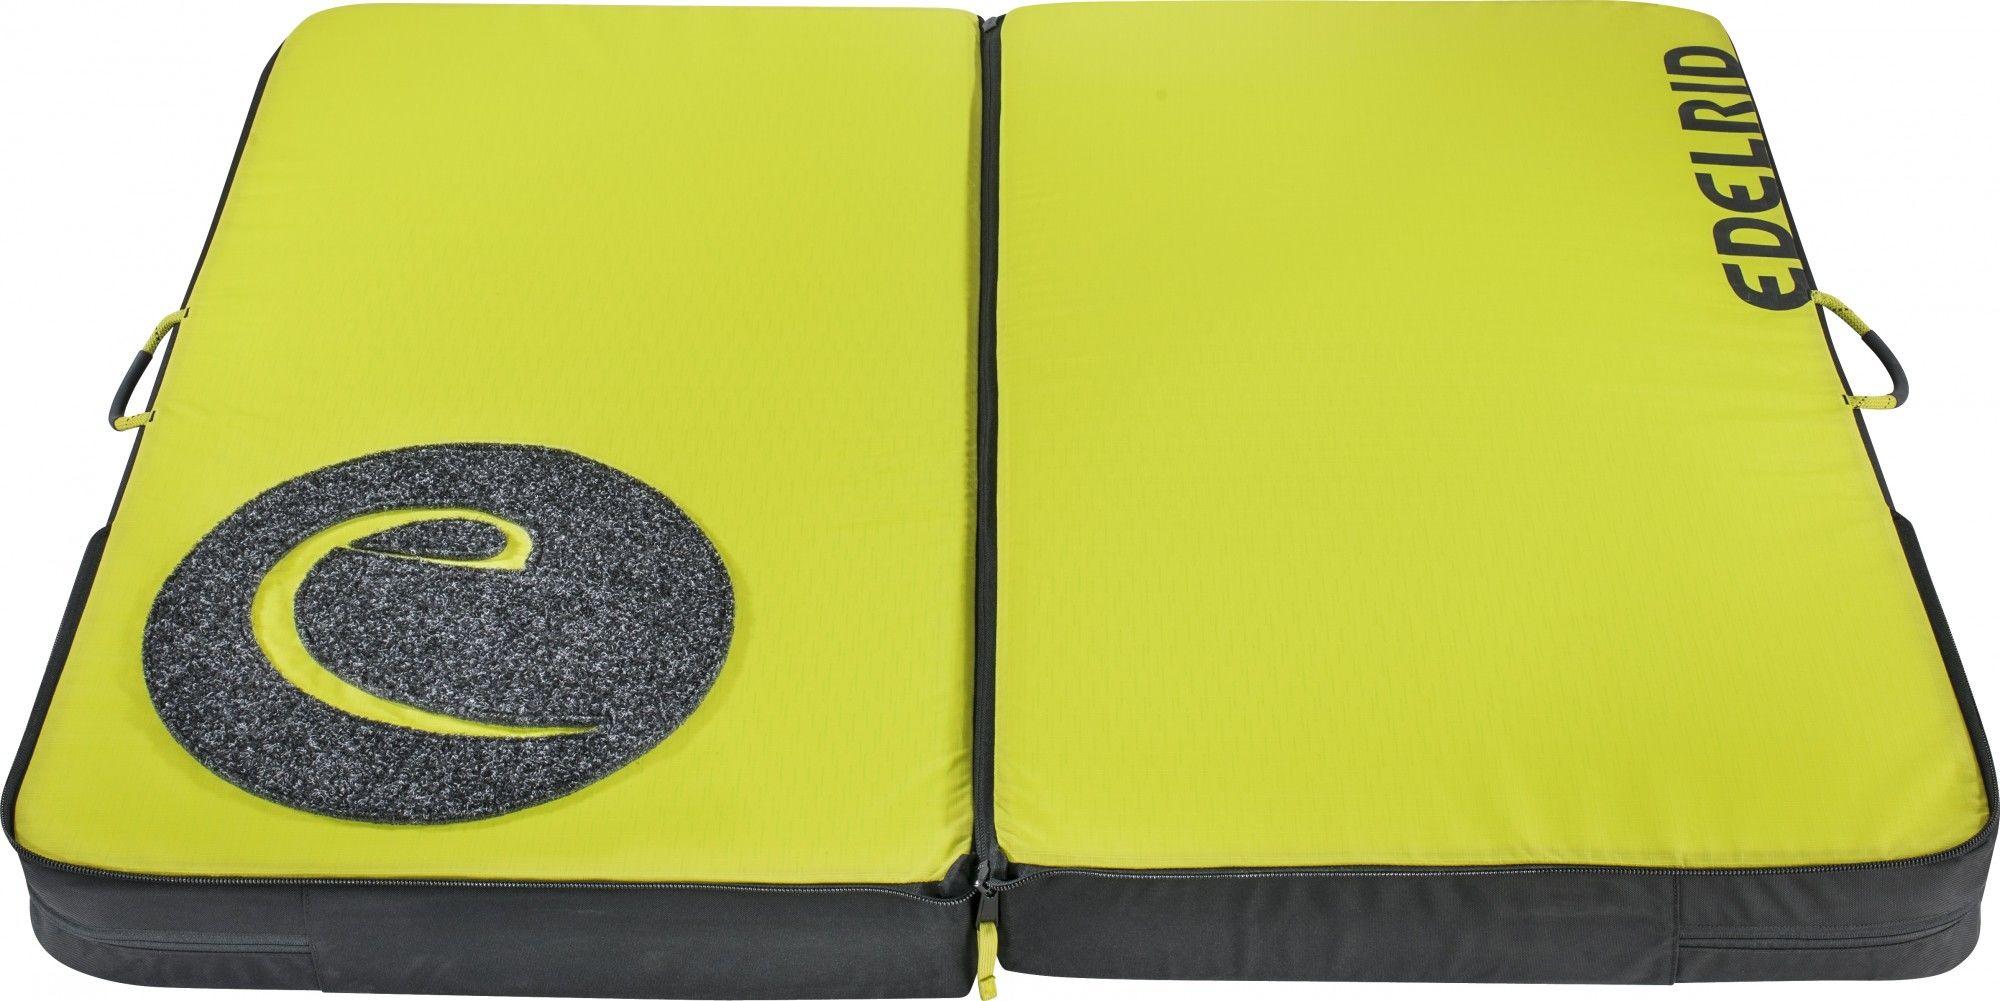 Edelrid Mantle III | Größe One Size |  Crashpads